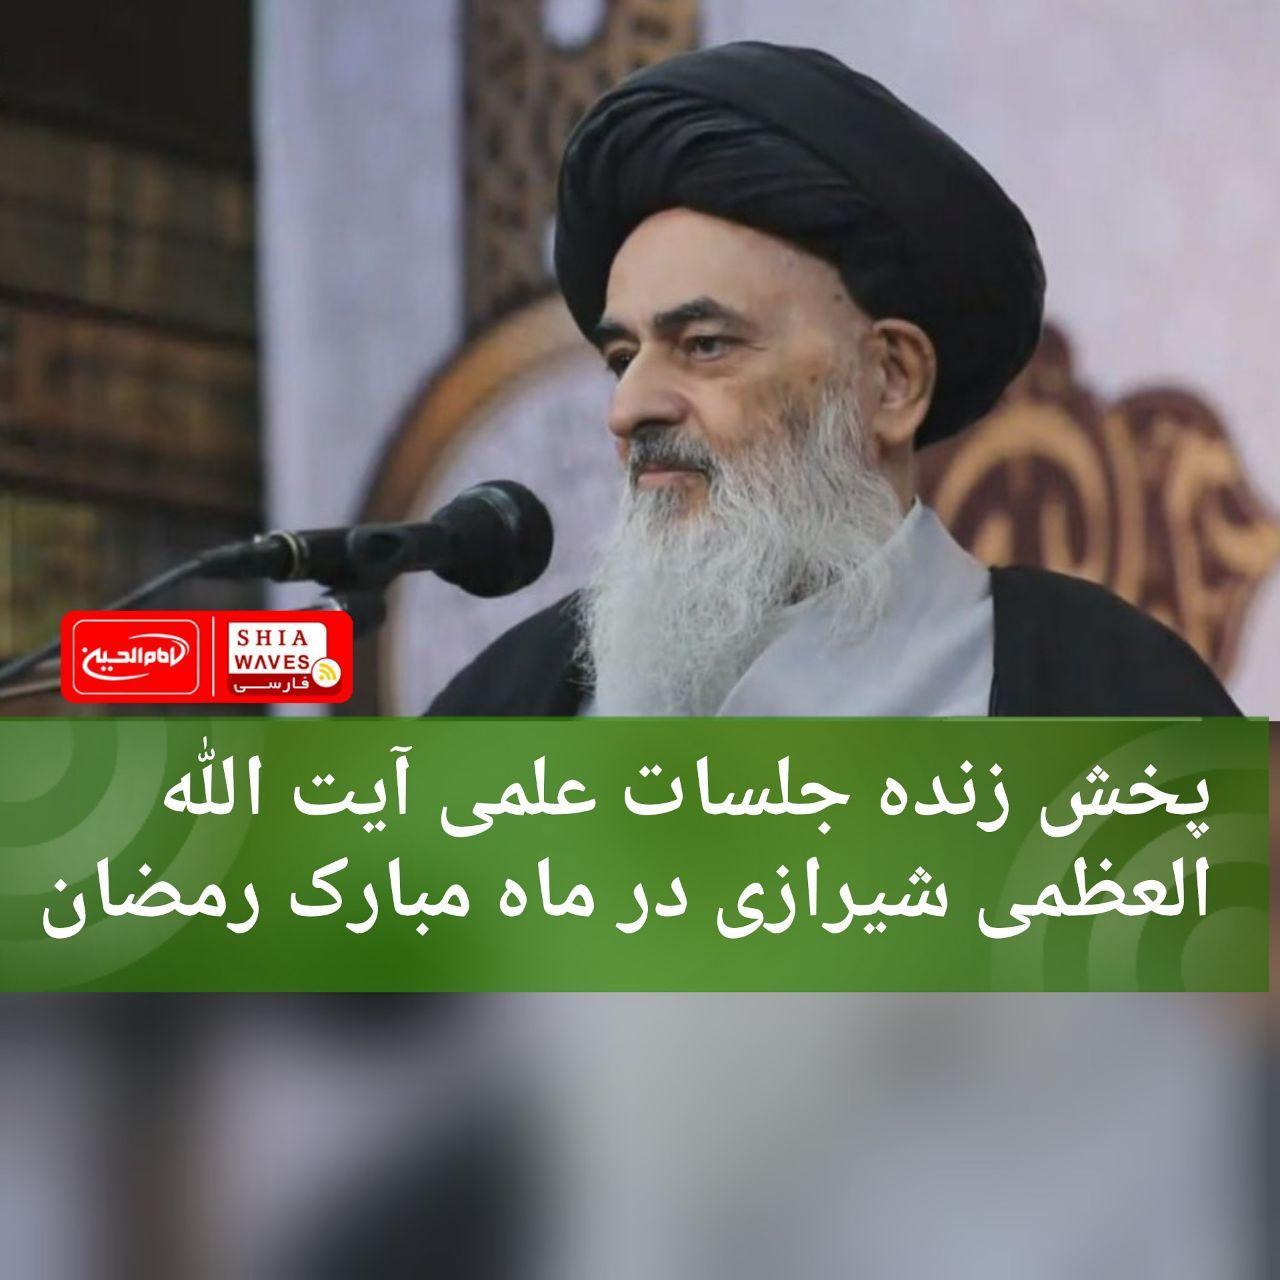 تصویر پخش زنده سلسله سخنرانیهای  آیت الله العظمی شیرازی در ماه مبارک رمضان